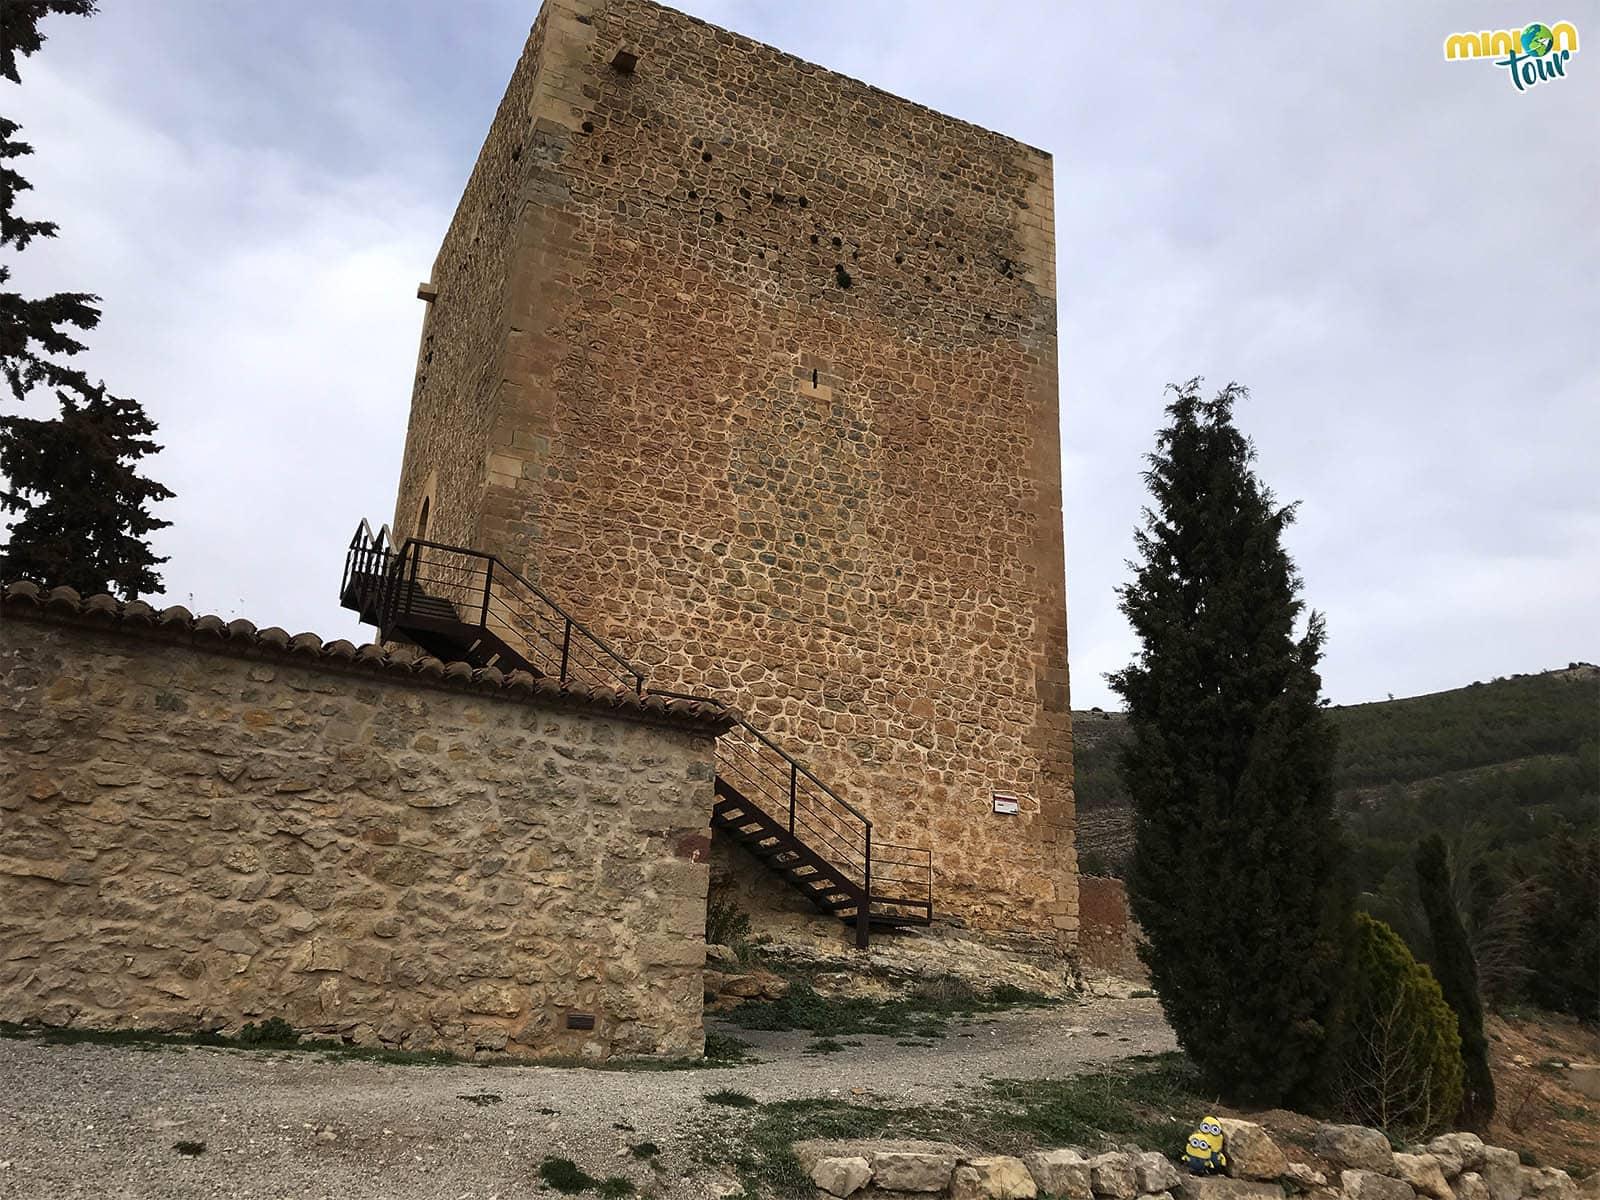 Torre de Doña Blanca en Albarracín